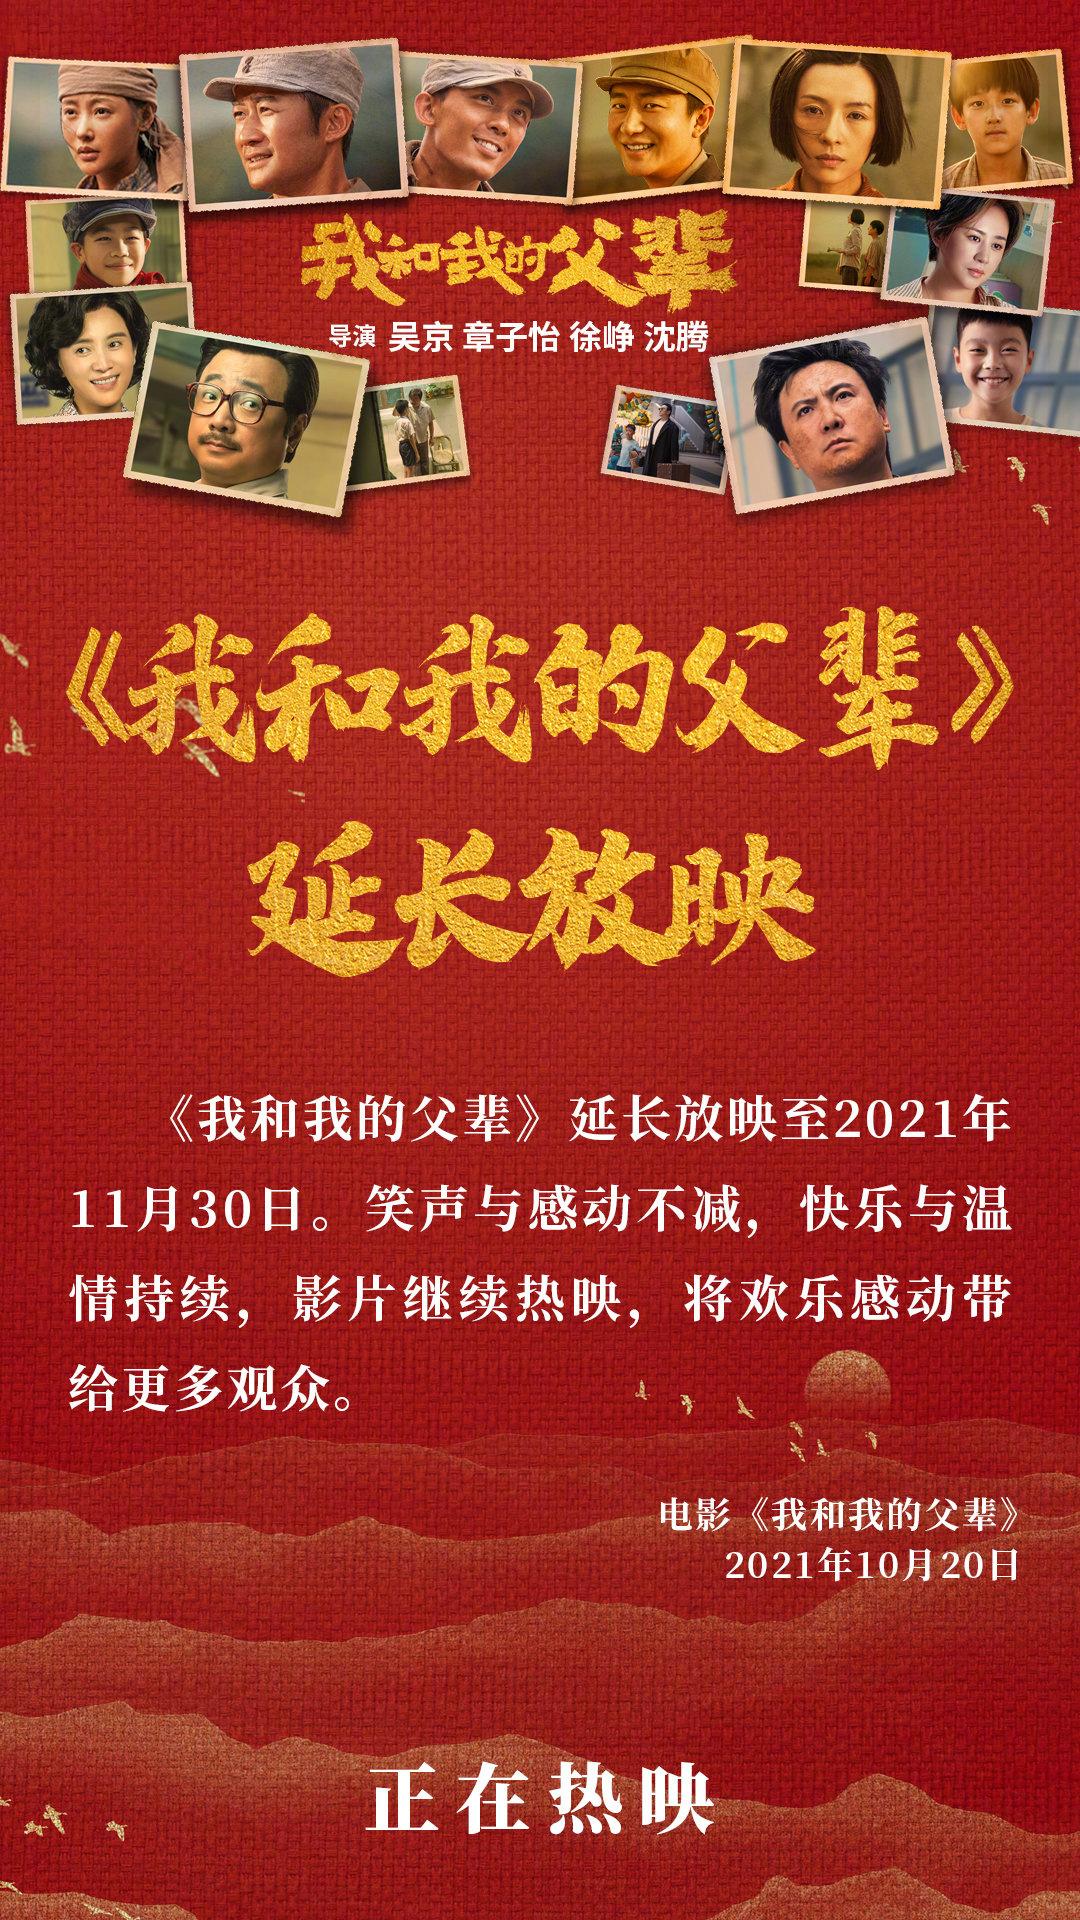 《我和我的父辈》密钥延期 延长上映至11月30日